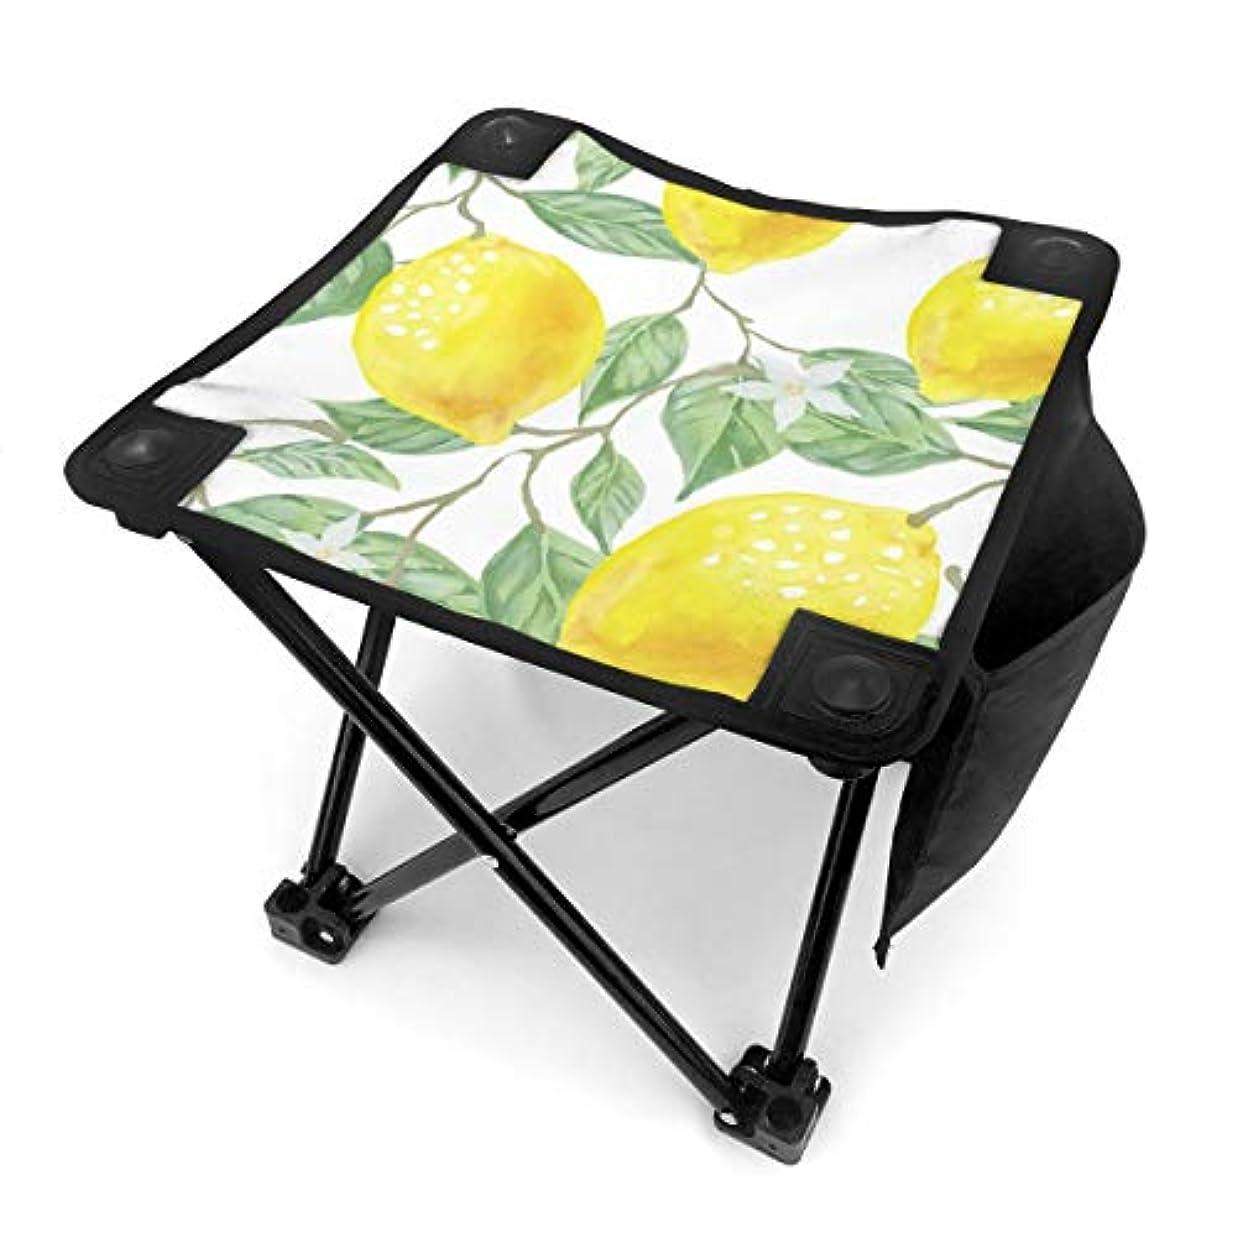 経度盲目絶縁する折りたたみ椅子 レモンの葉 アウトドアチェア 収納バッグ付き アウトドアチェア 折り畳み式 椅子 折りたたみ コンパト椅子 キャンプスツール 携帯便利 旅行用/お釣り/キャンプ/アウトドアなど対応